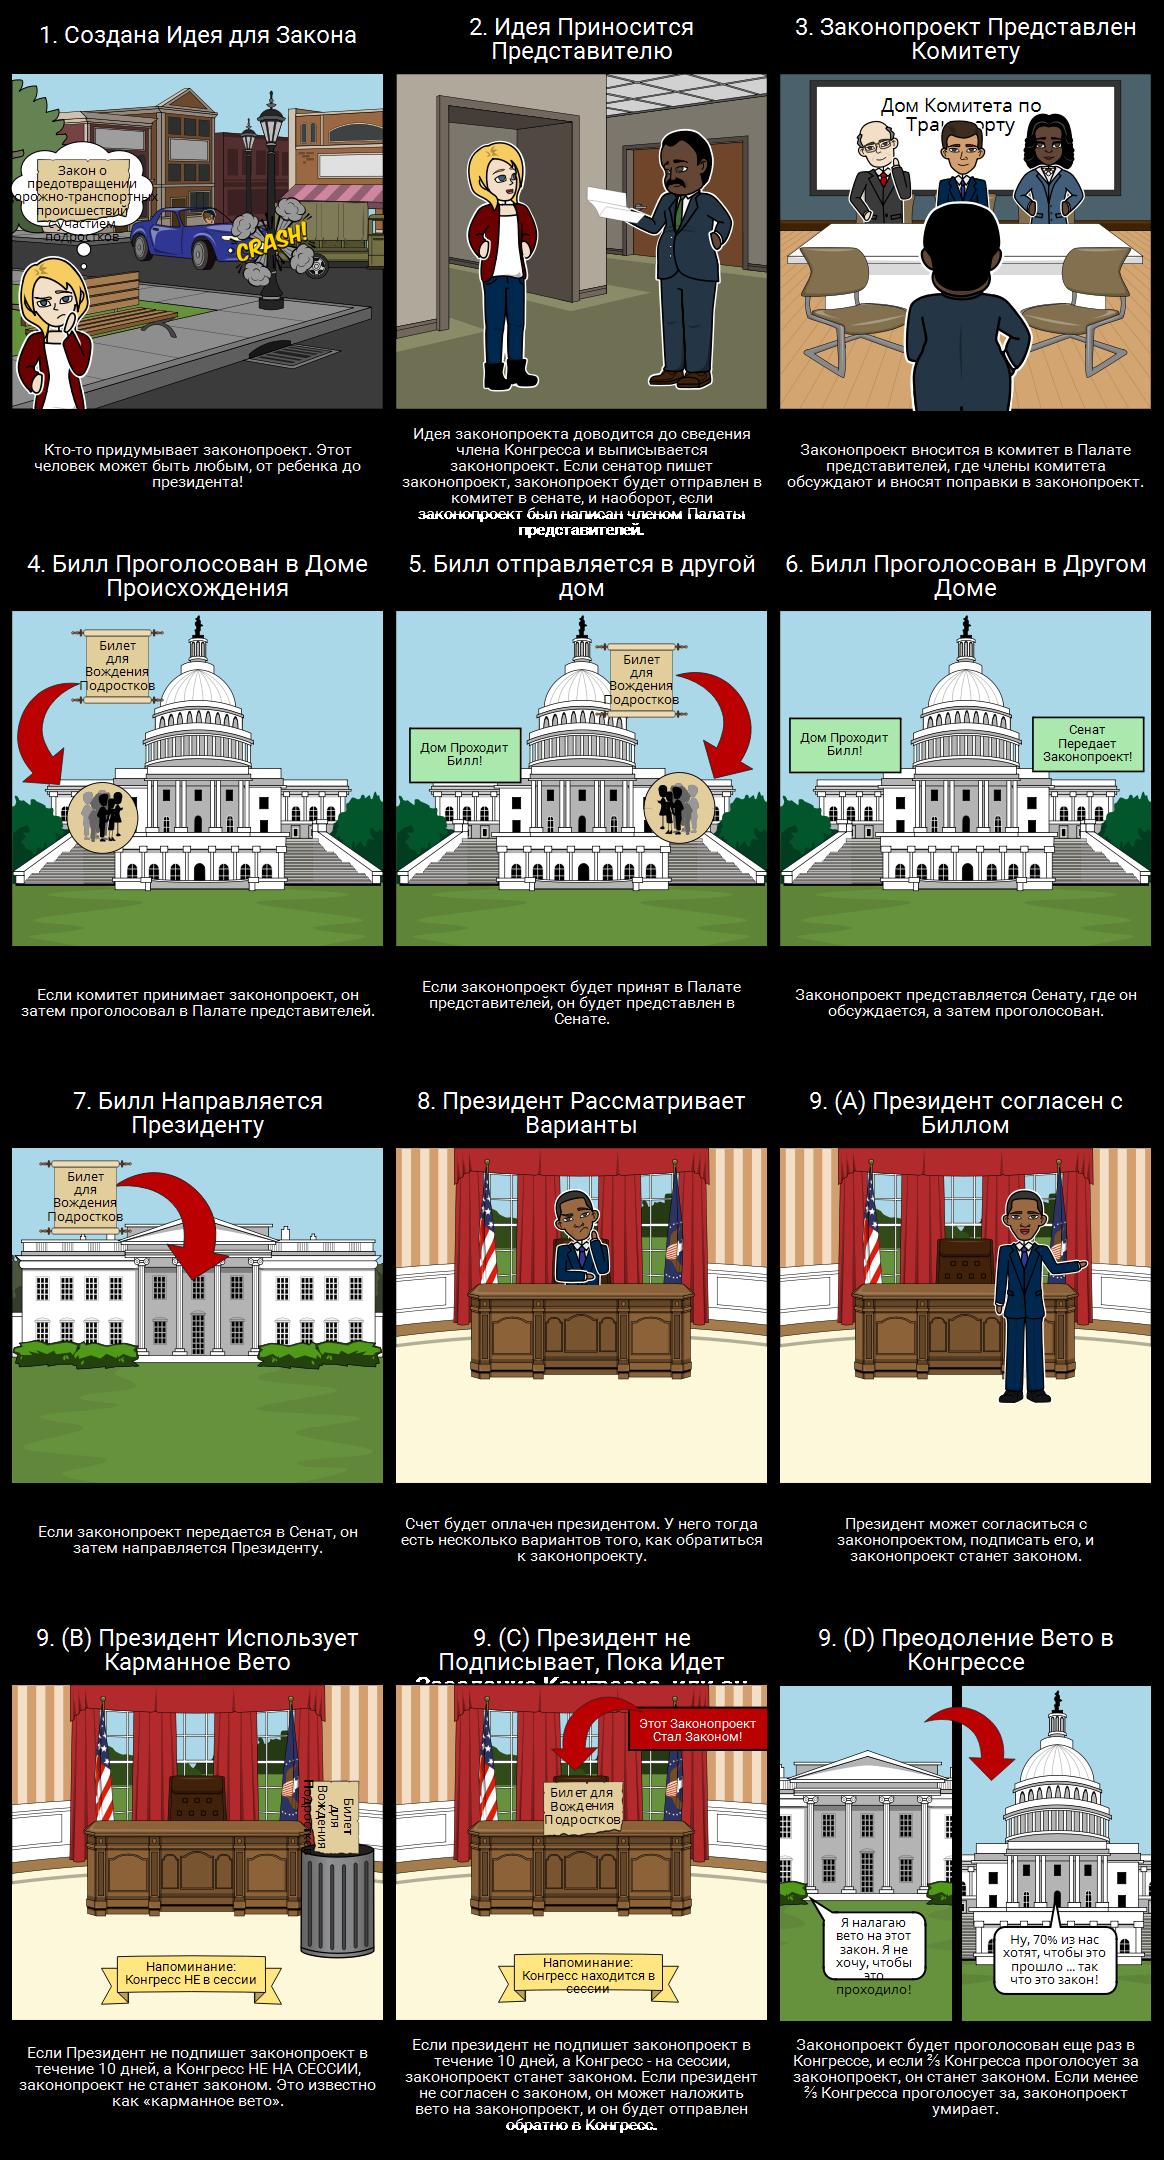 Как Законопроект Становится Законом